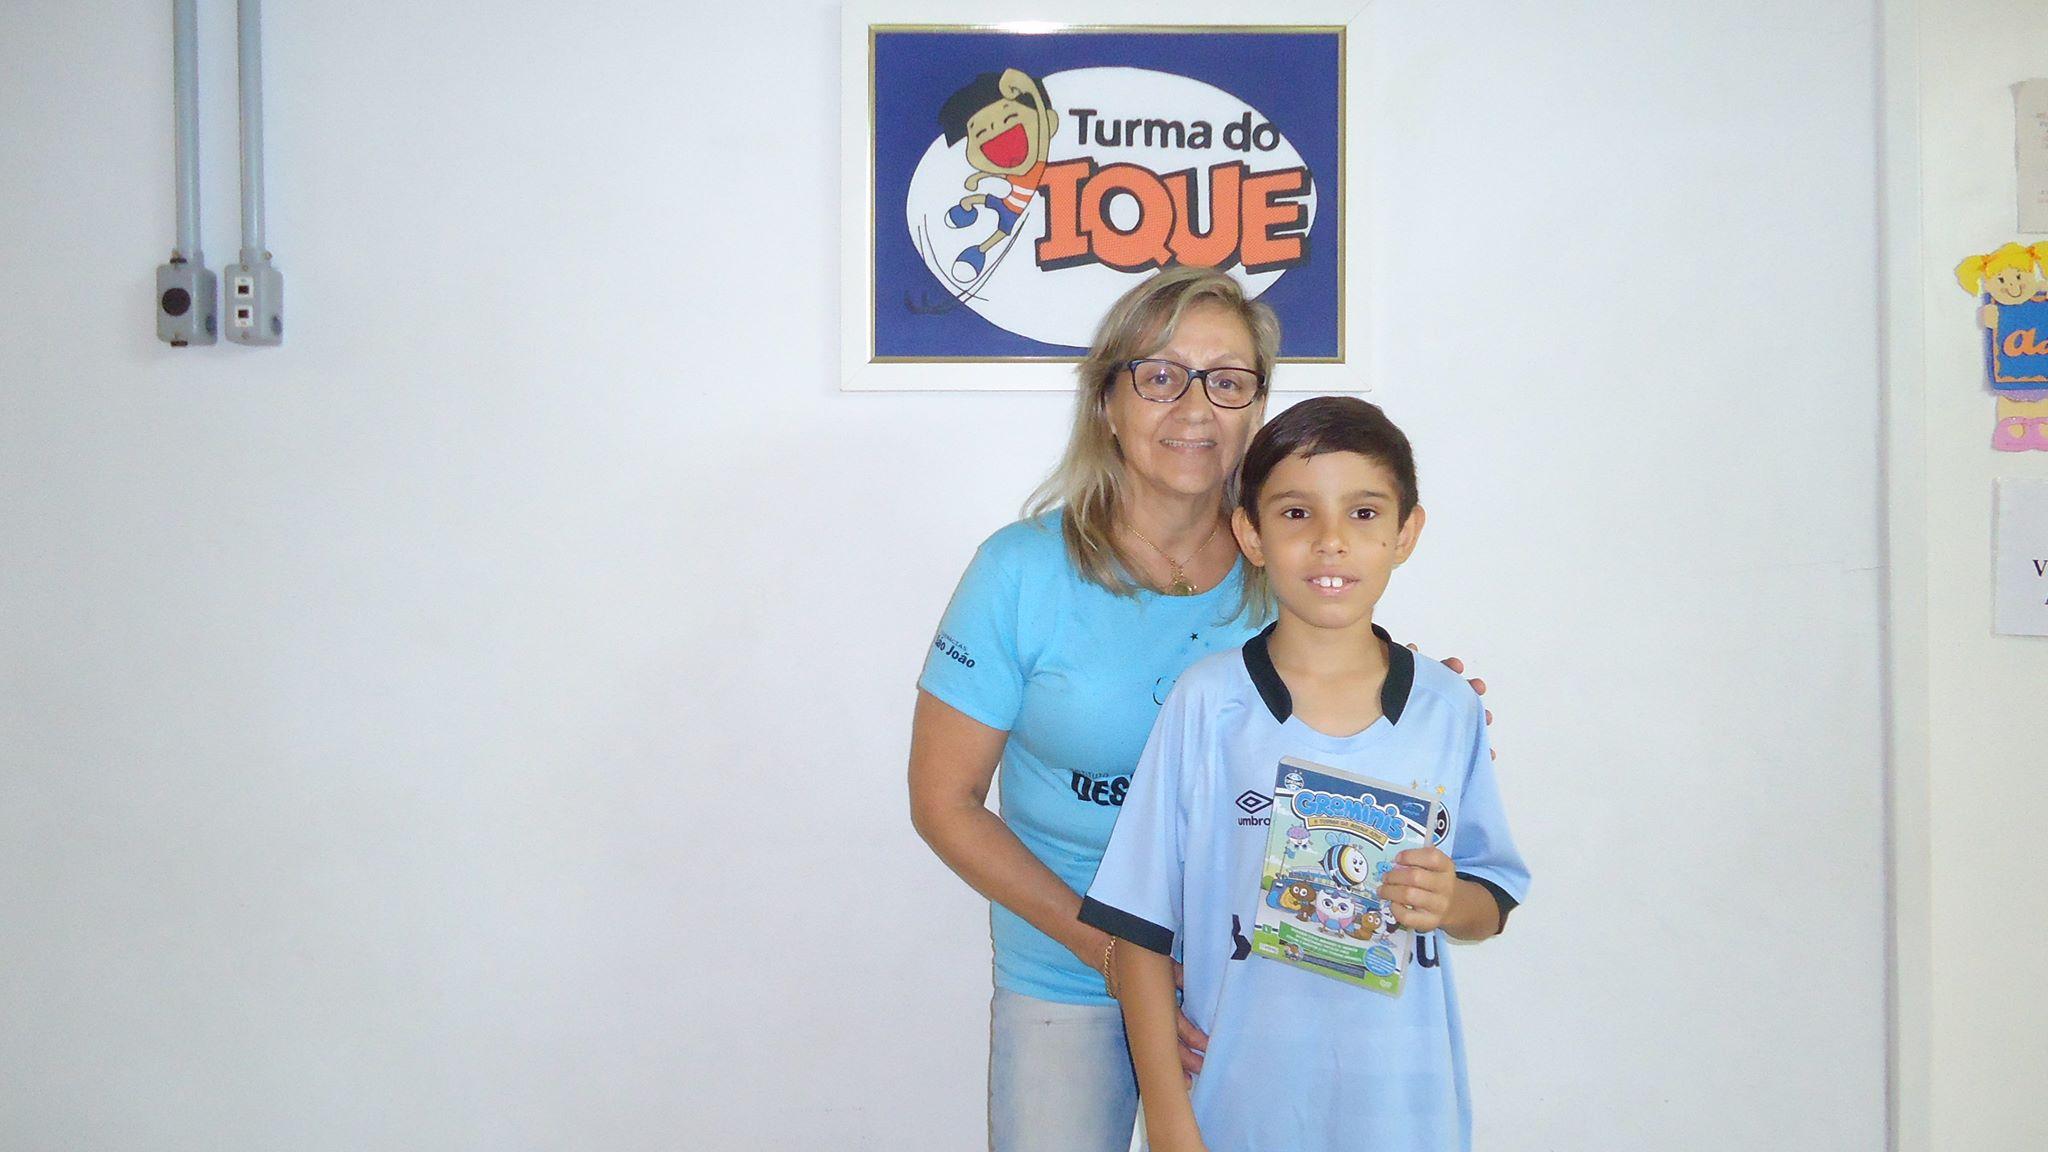 Benhur faz acompanhamento na Turma do Ique em Santa Maria. Quem ajudou a levar o manto sagrado para este gremistão foram os voluntários Filipe Moro e Naira Machado.